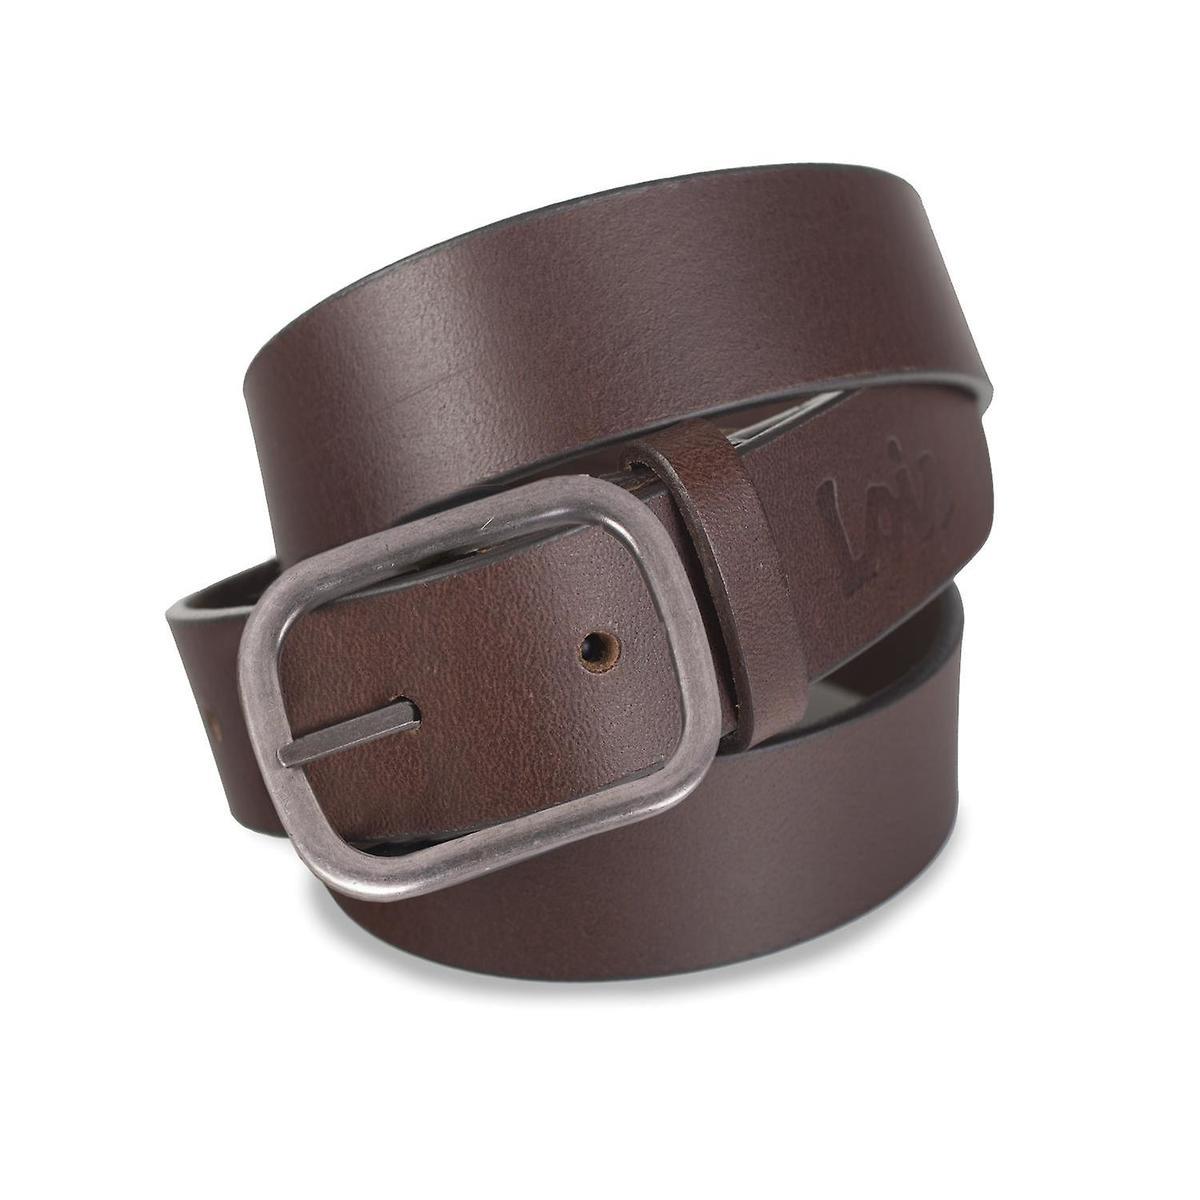 Cinturón Lois de piel marrón de 4 cm de ancho